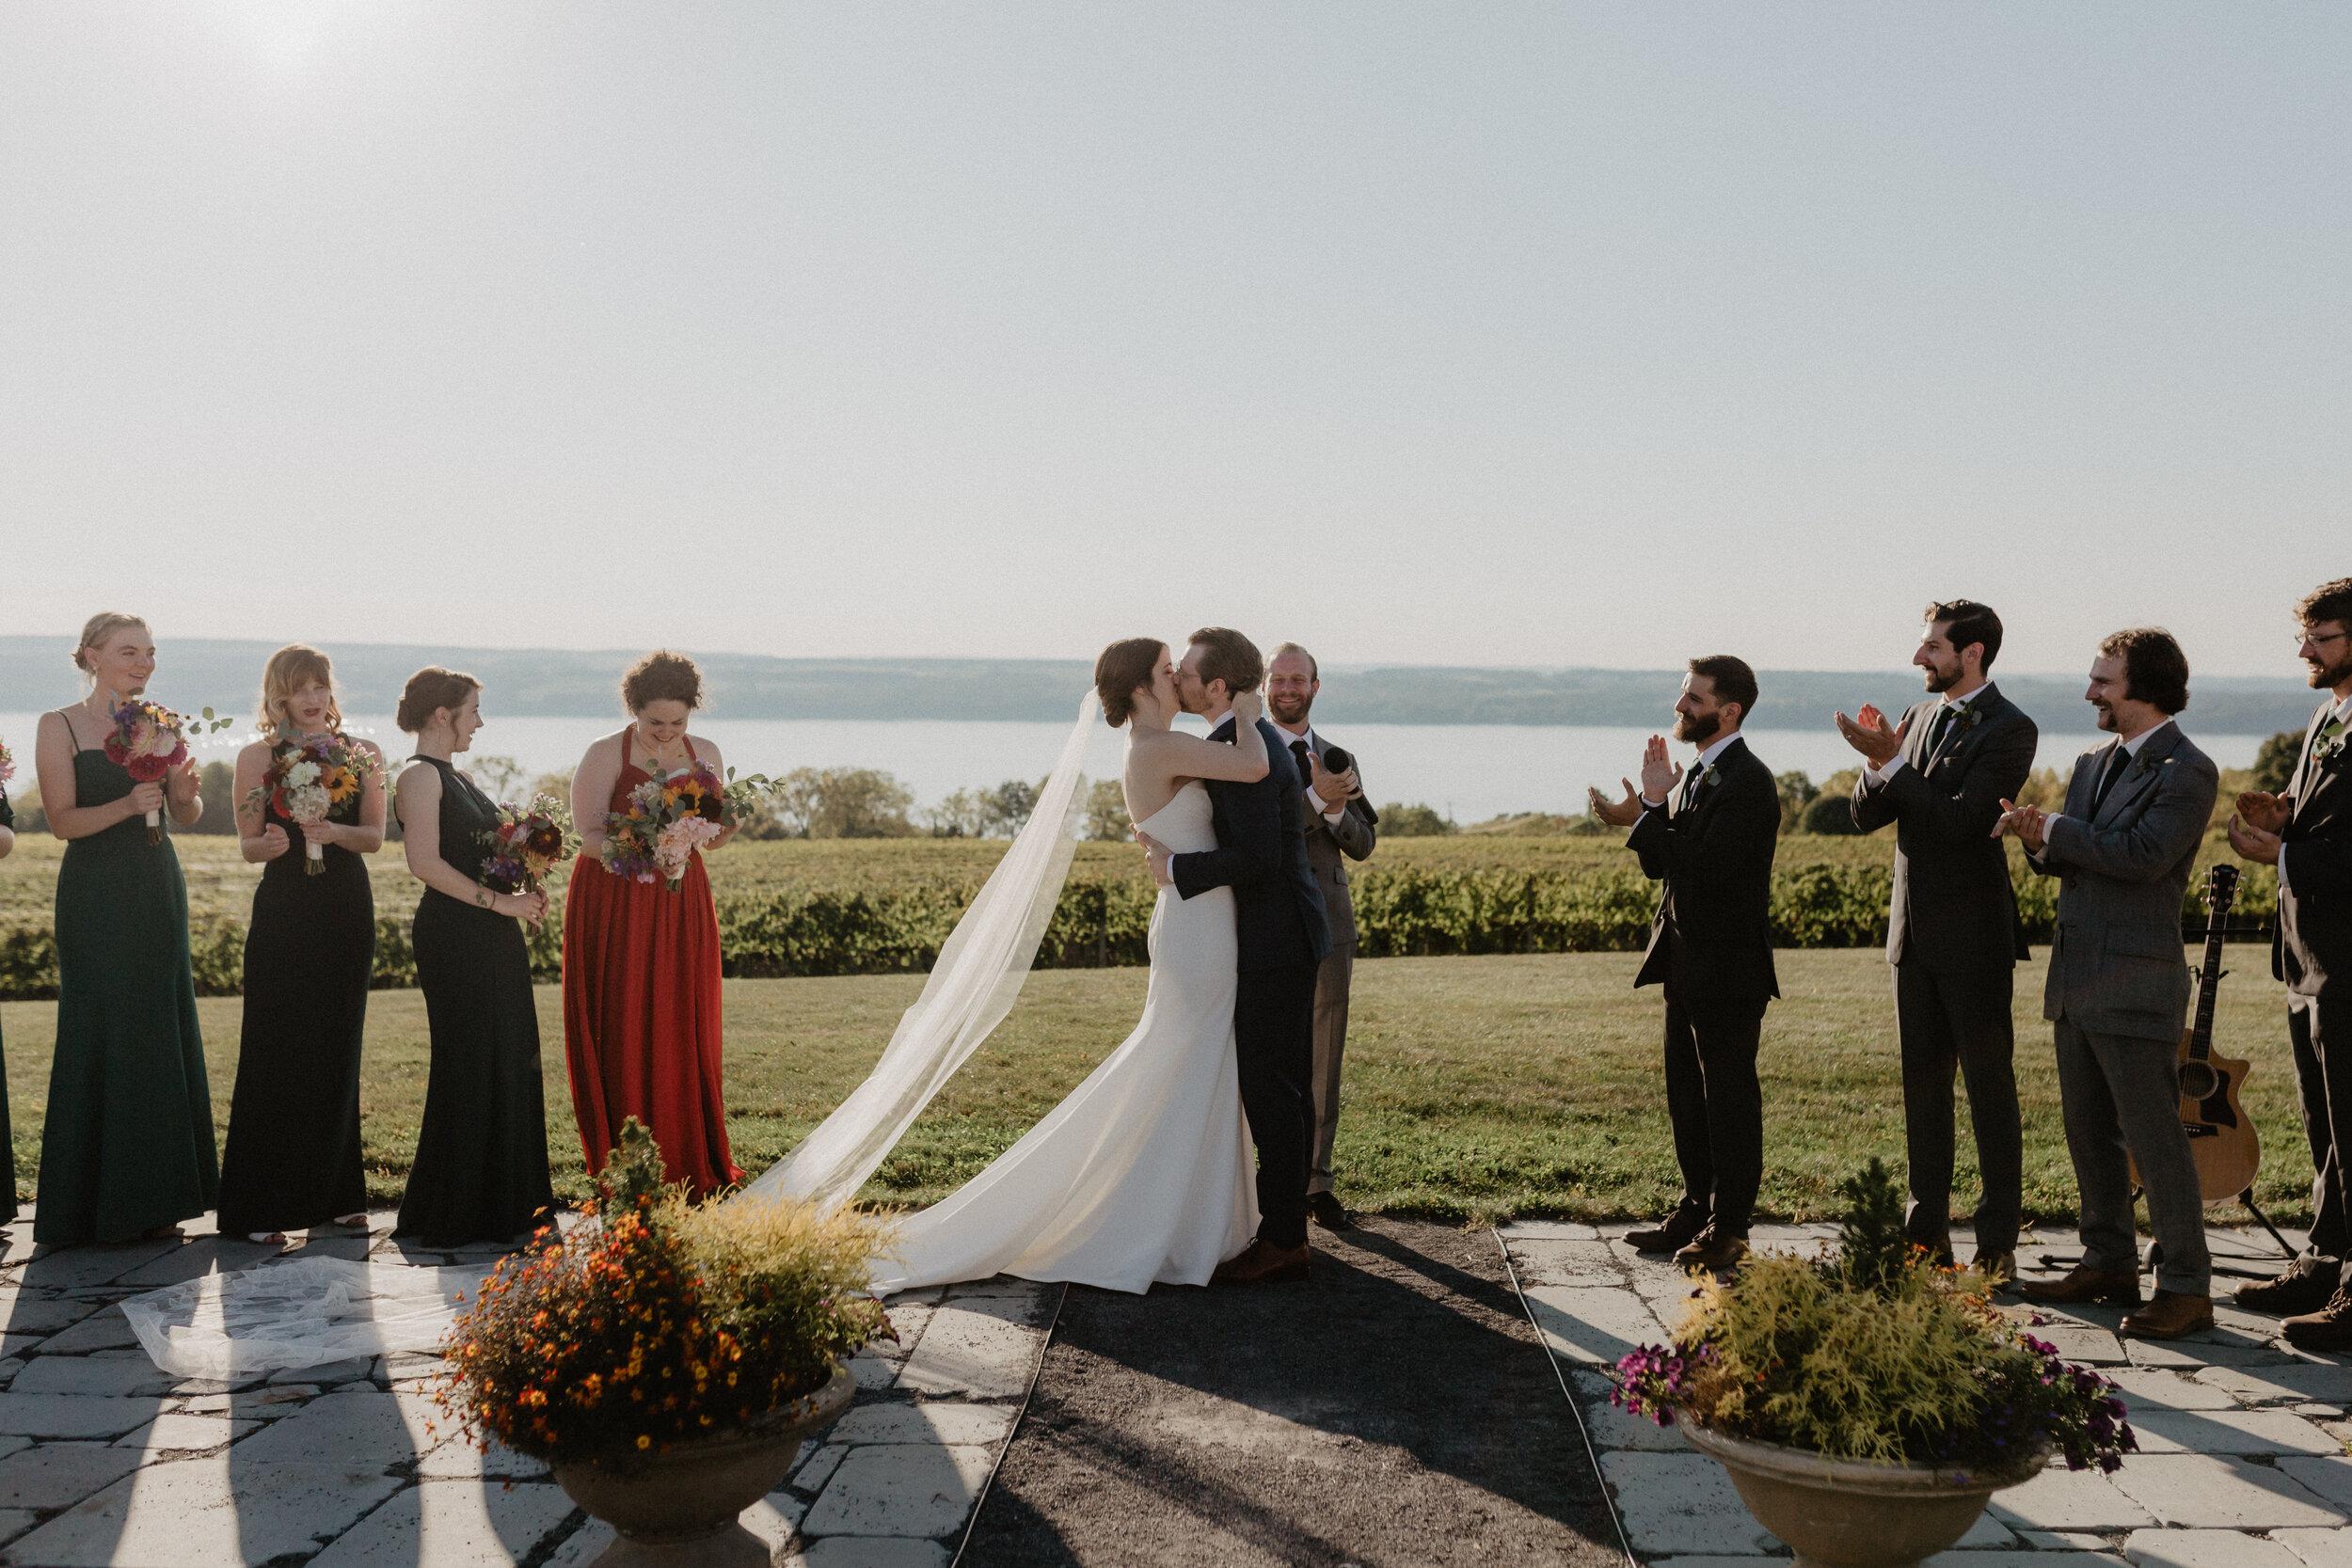 finger-lakes-wedding-036.jpg